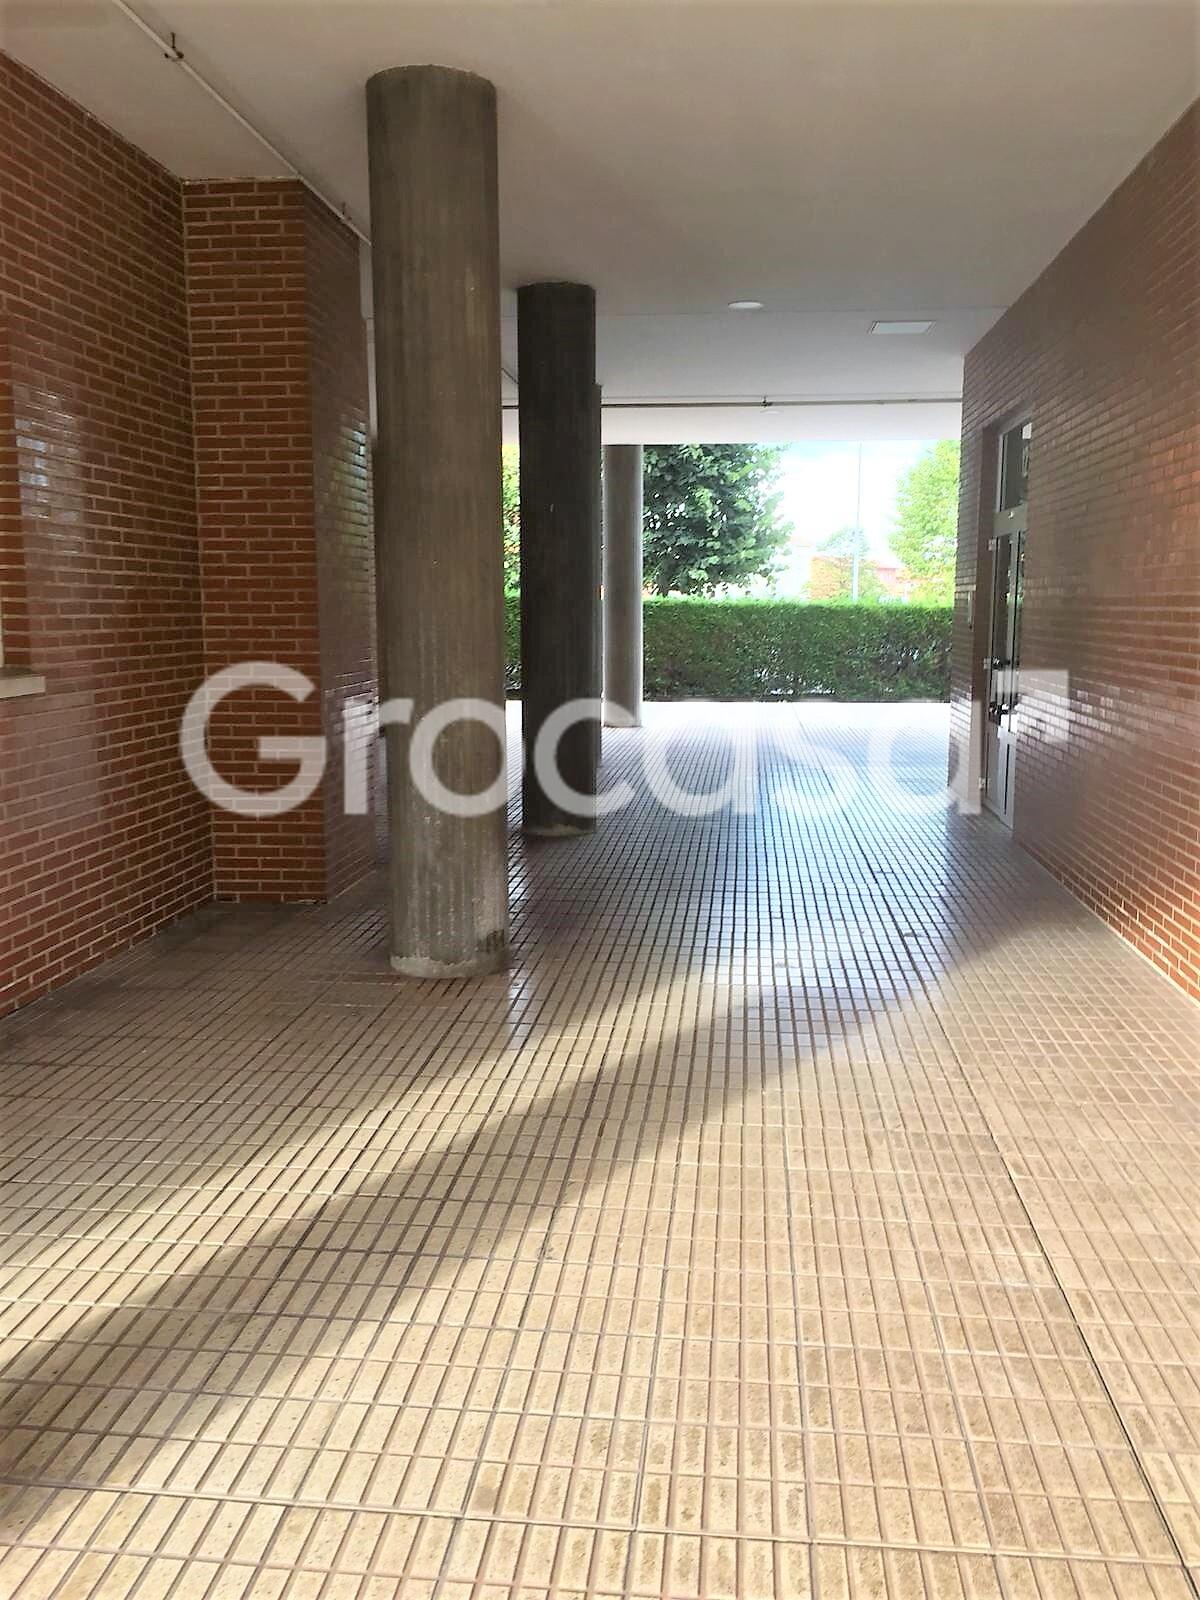 Piso en Gijón en Venta por 180.000€